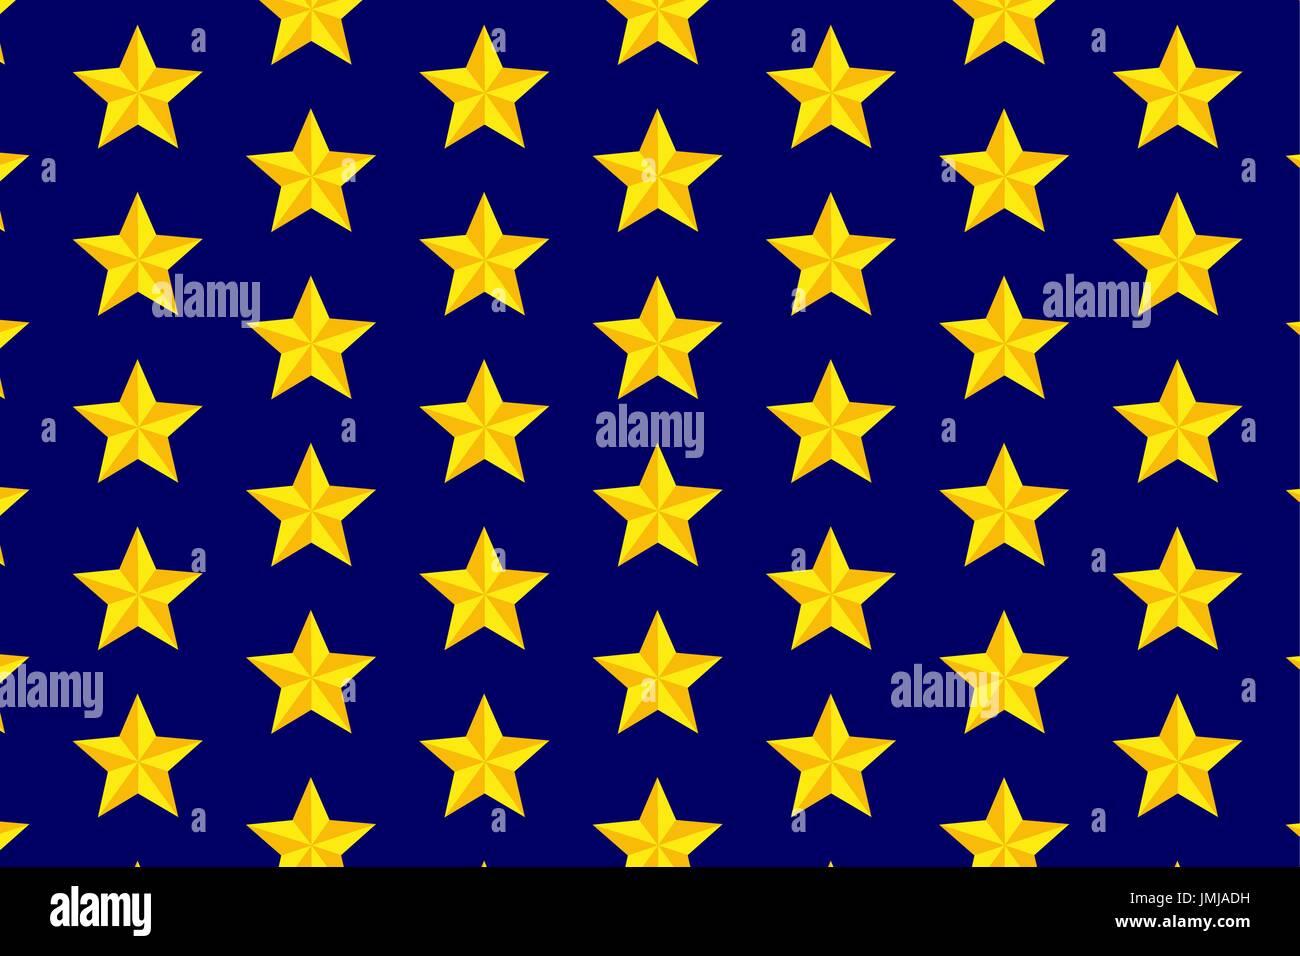 Gelben, fünfzackigen Stern auf blauem Hintergrund - Vektormuster ...